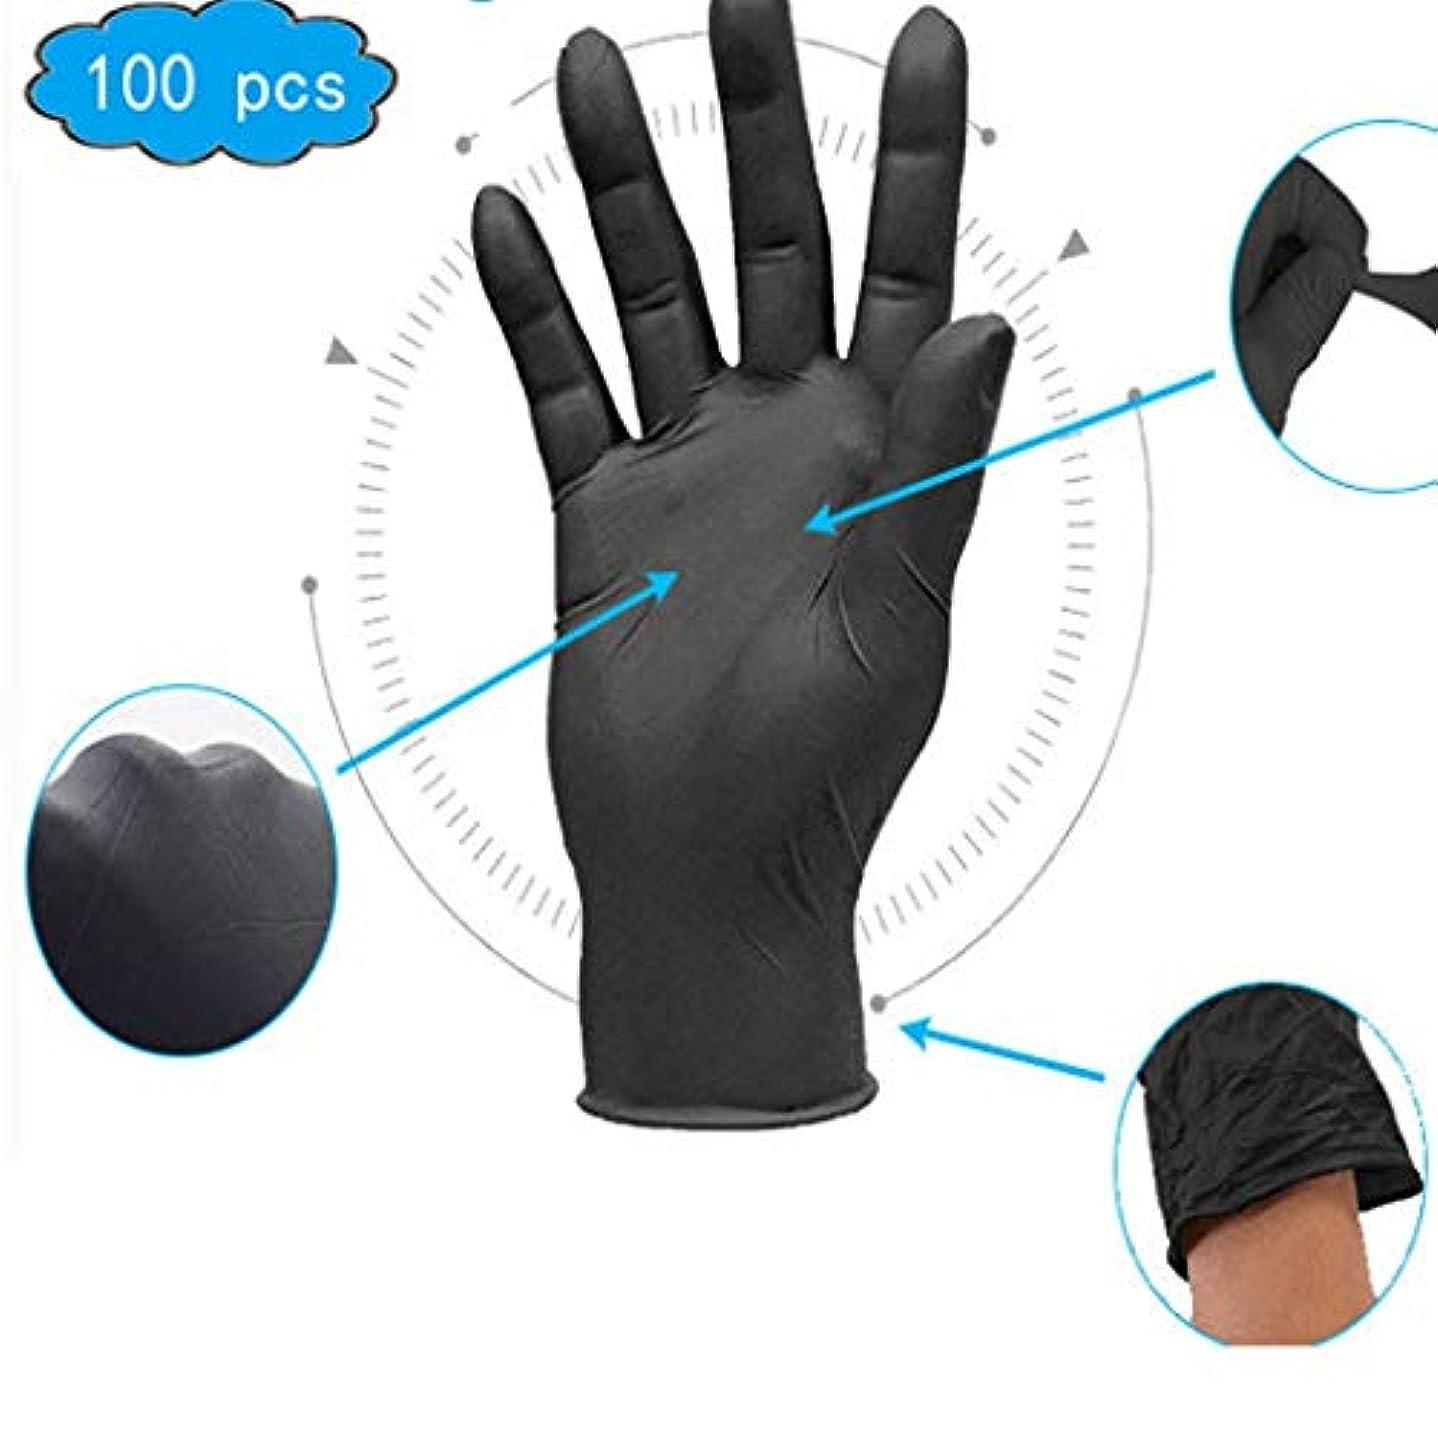 鰐中毒有利ニトリル手袋、医薬品および備品、応急処置用品、産業用使い捨て手袋 - テクスチャード、パウダーフリー、無菌、大型、100個入り、非滅菌の使い捨て安全手袋 (Color : Black, Size : M)